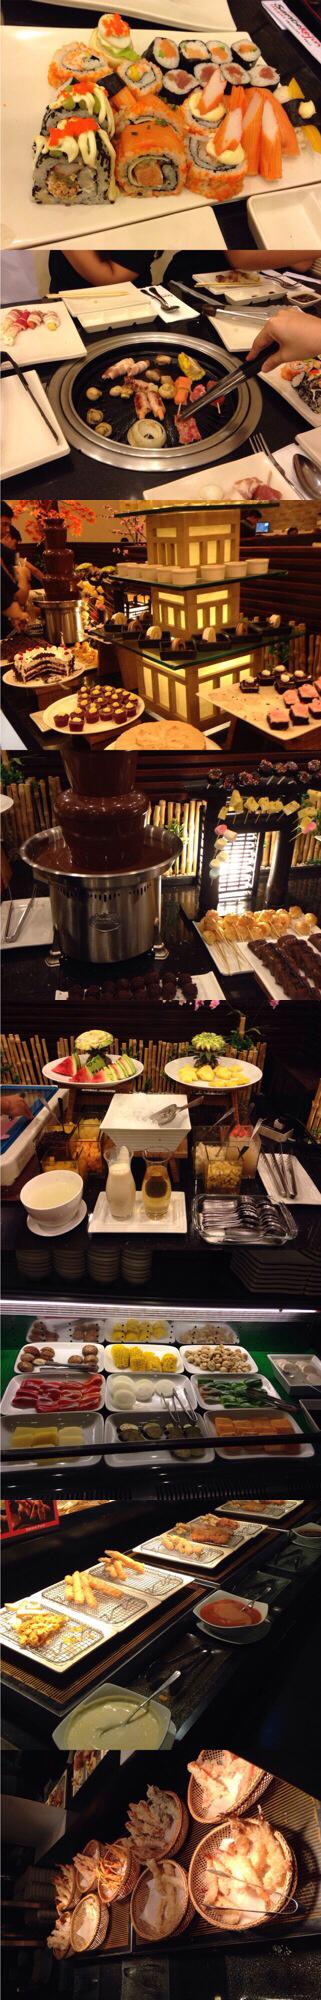 Sambo Kojin Japanese Buffet must try!!